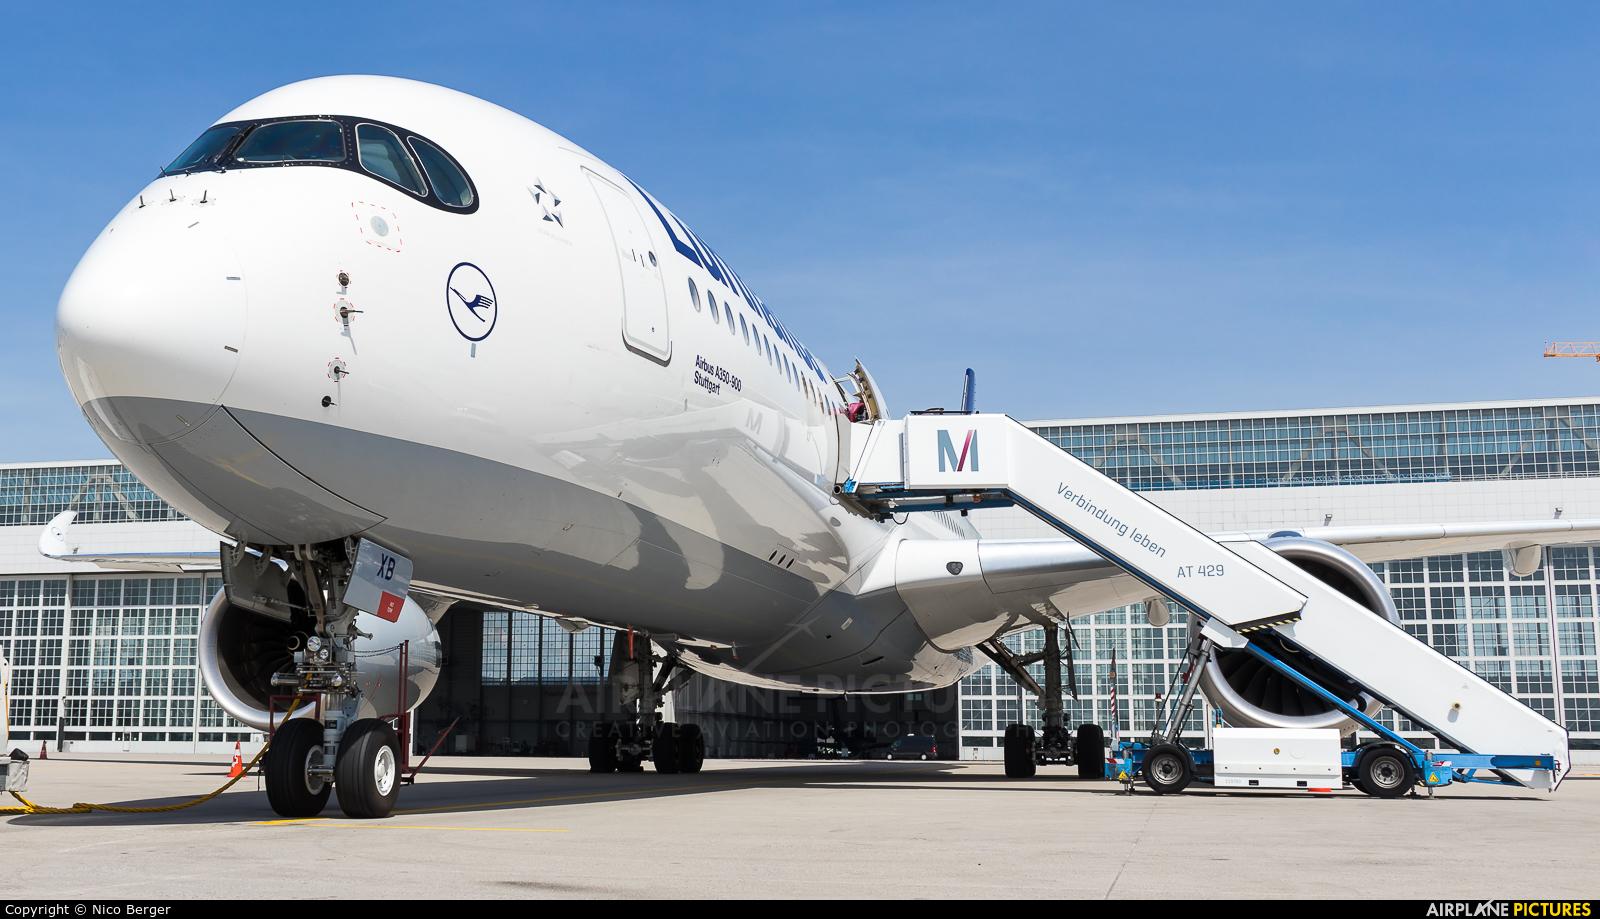 Lufthansa D-AIXB aircraft at Munich